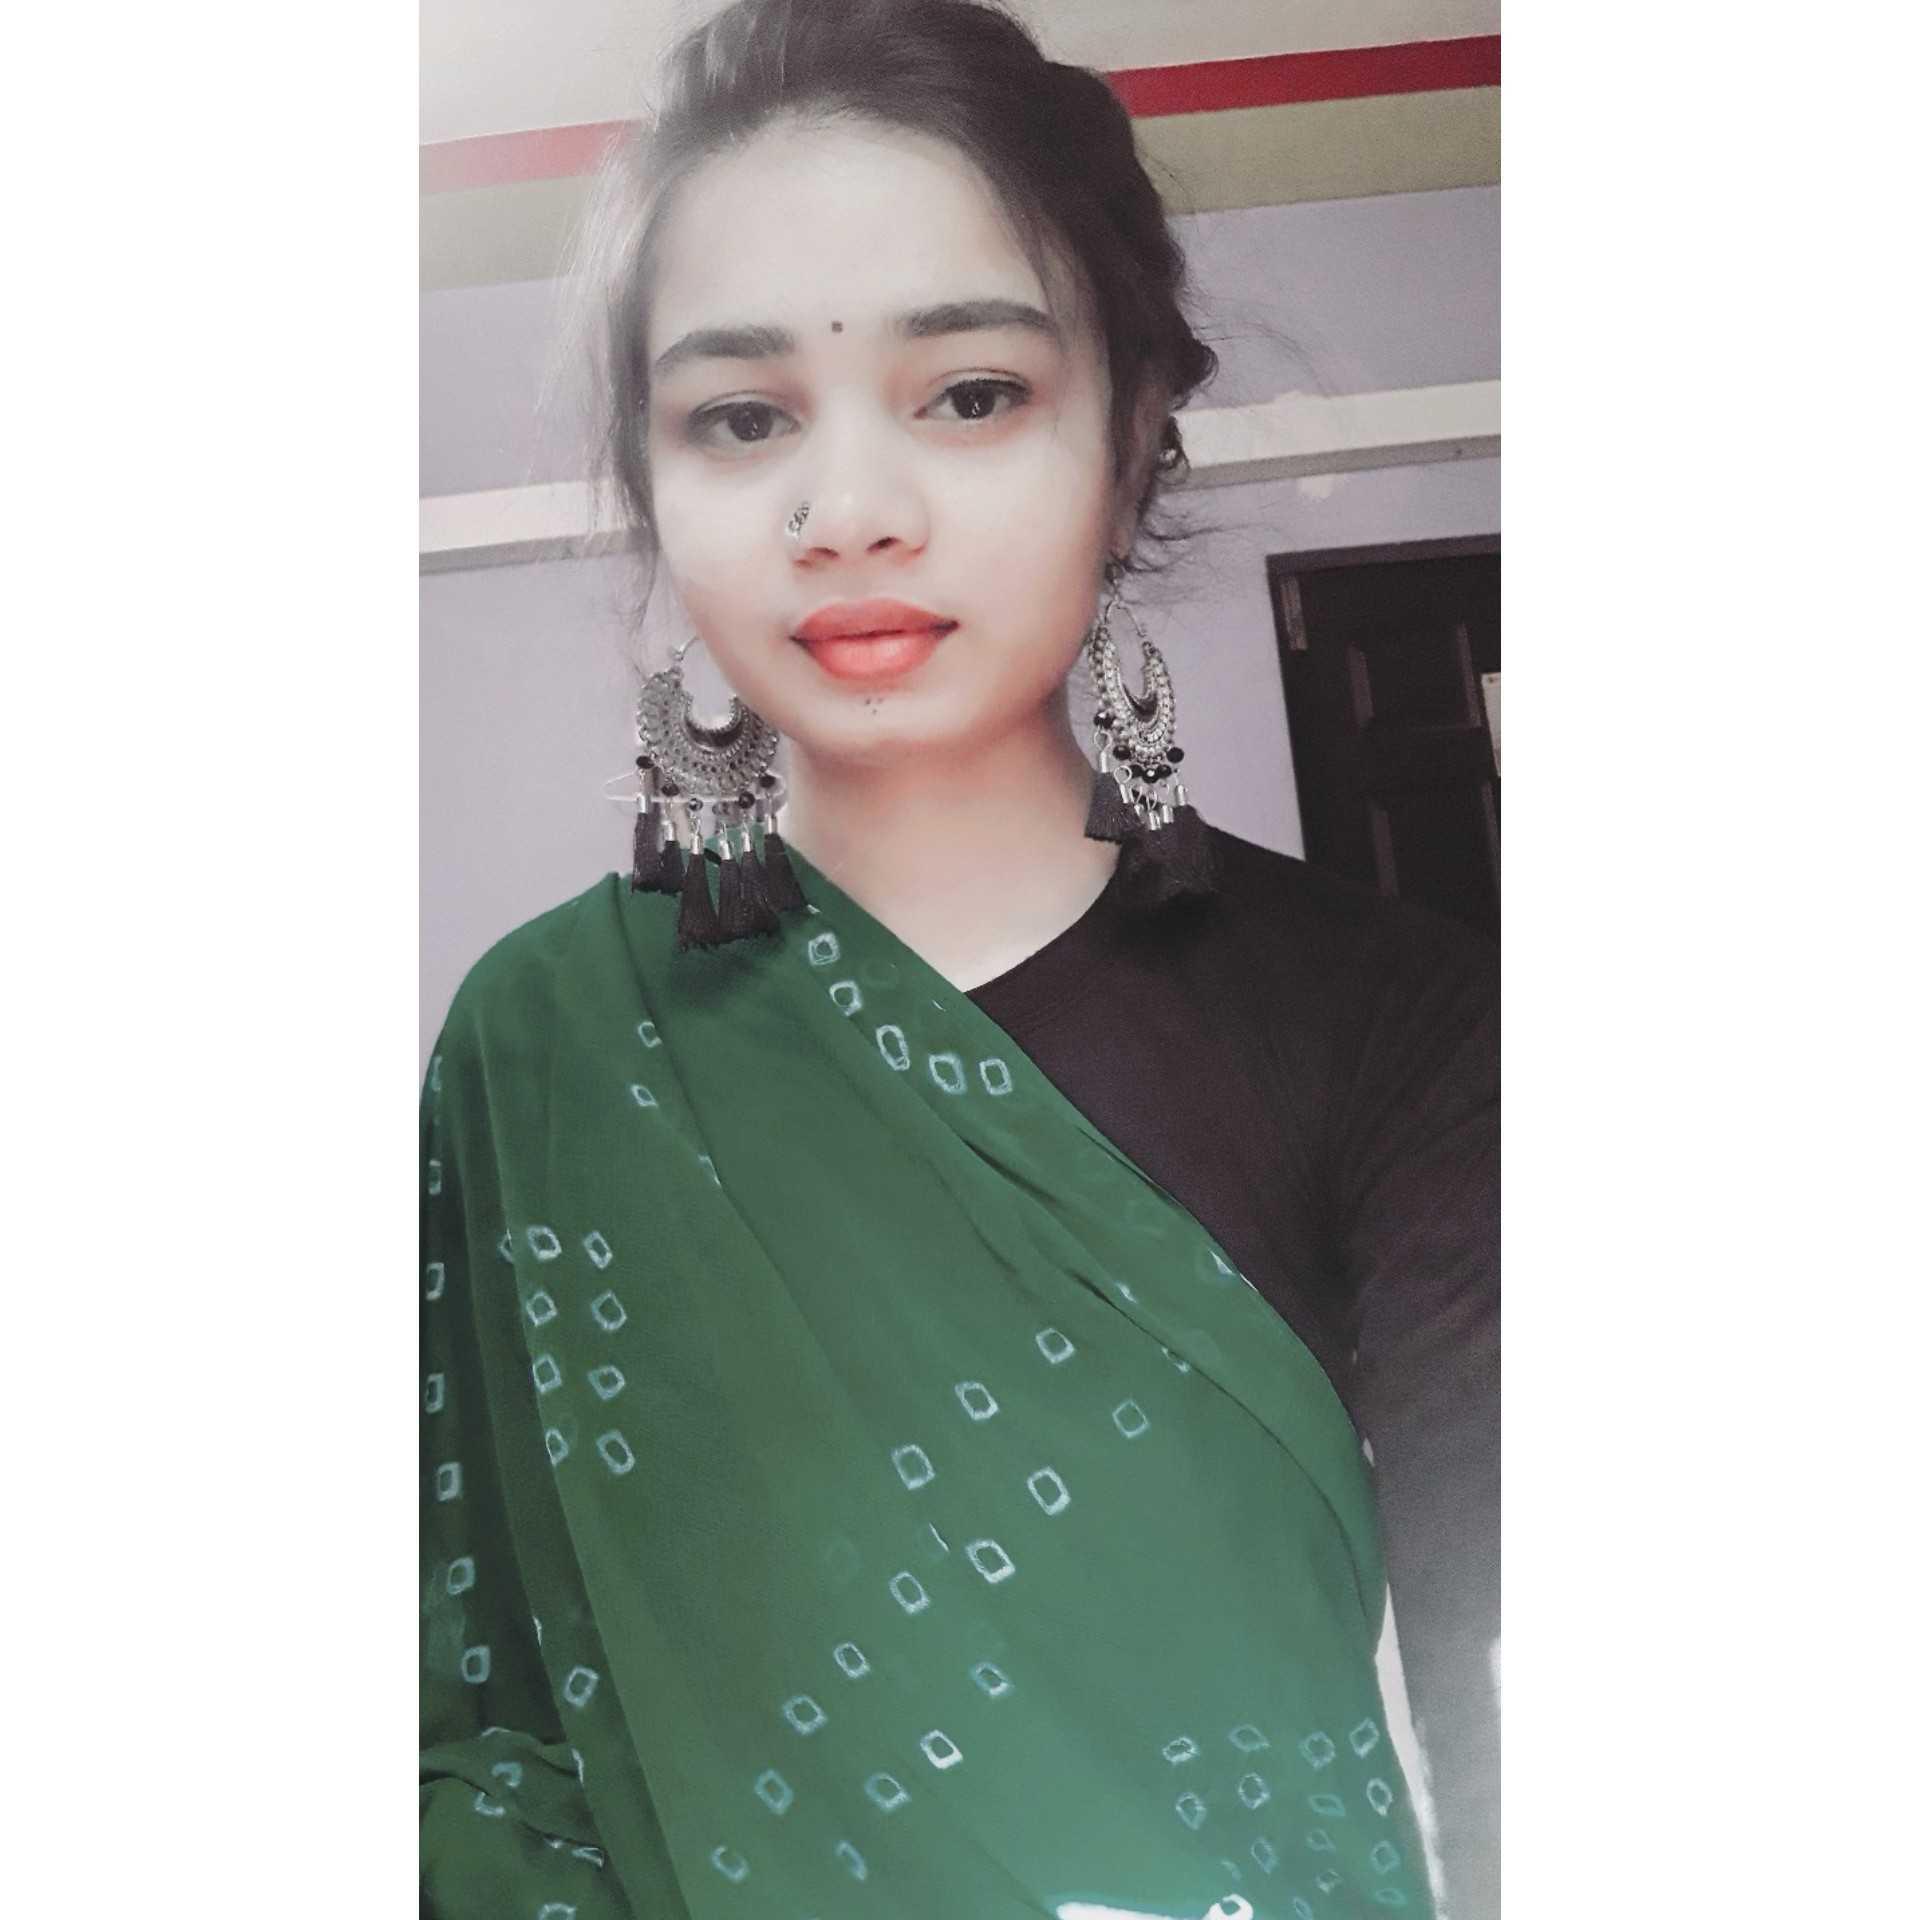 eshh.. kuch khas nahi likhti bs kuch zakham bhar deti hun aur kabhi zakham de deti hun❤